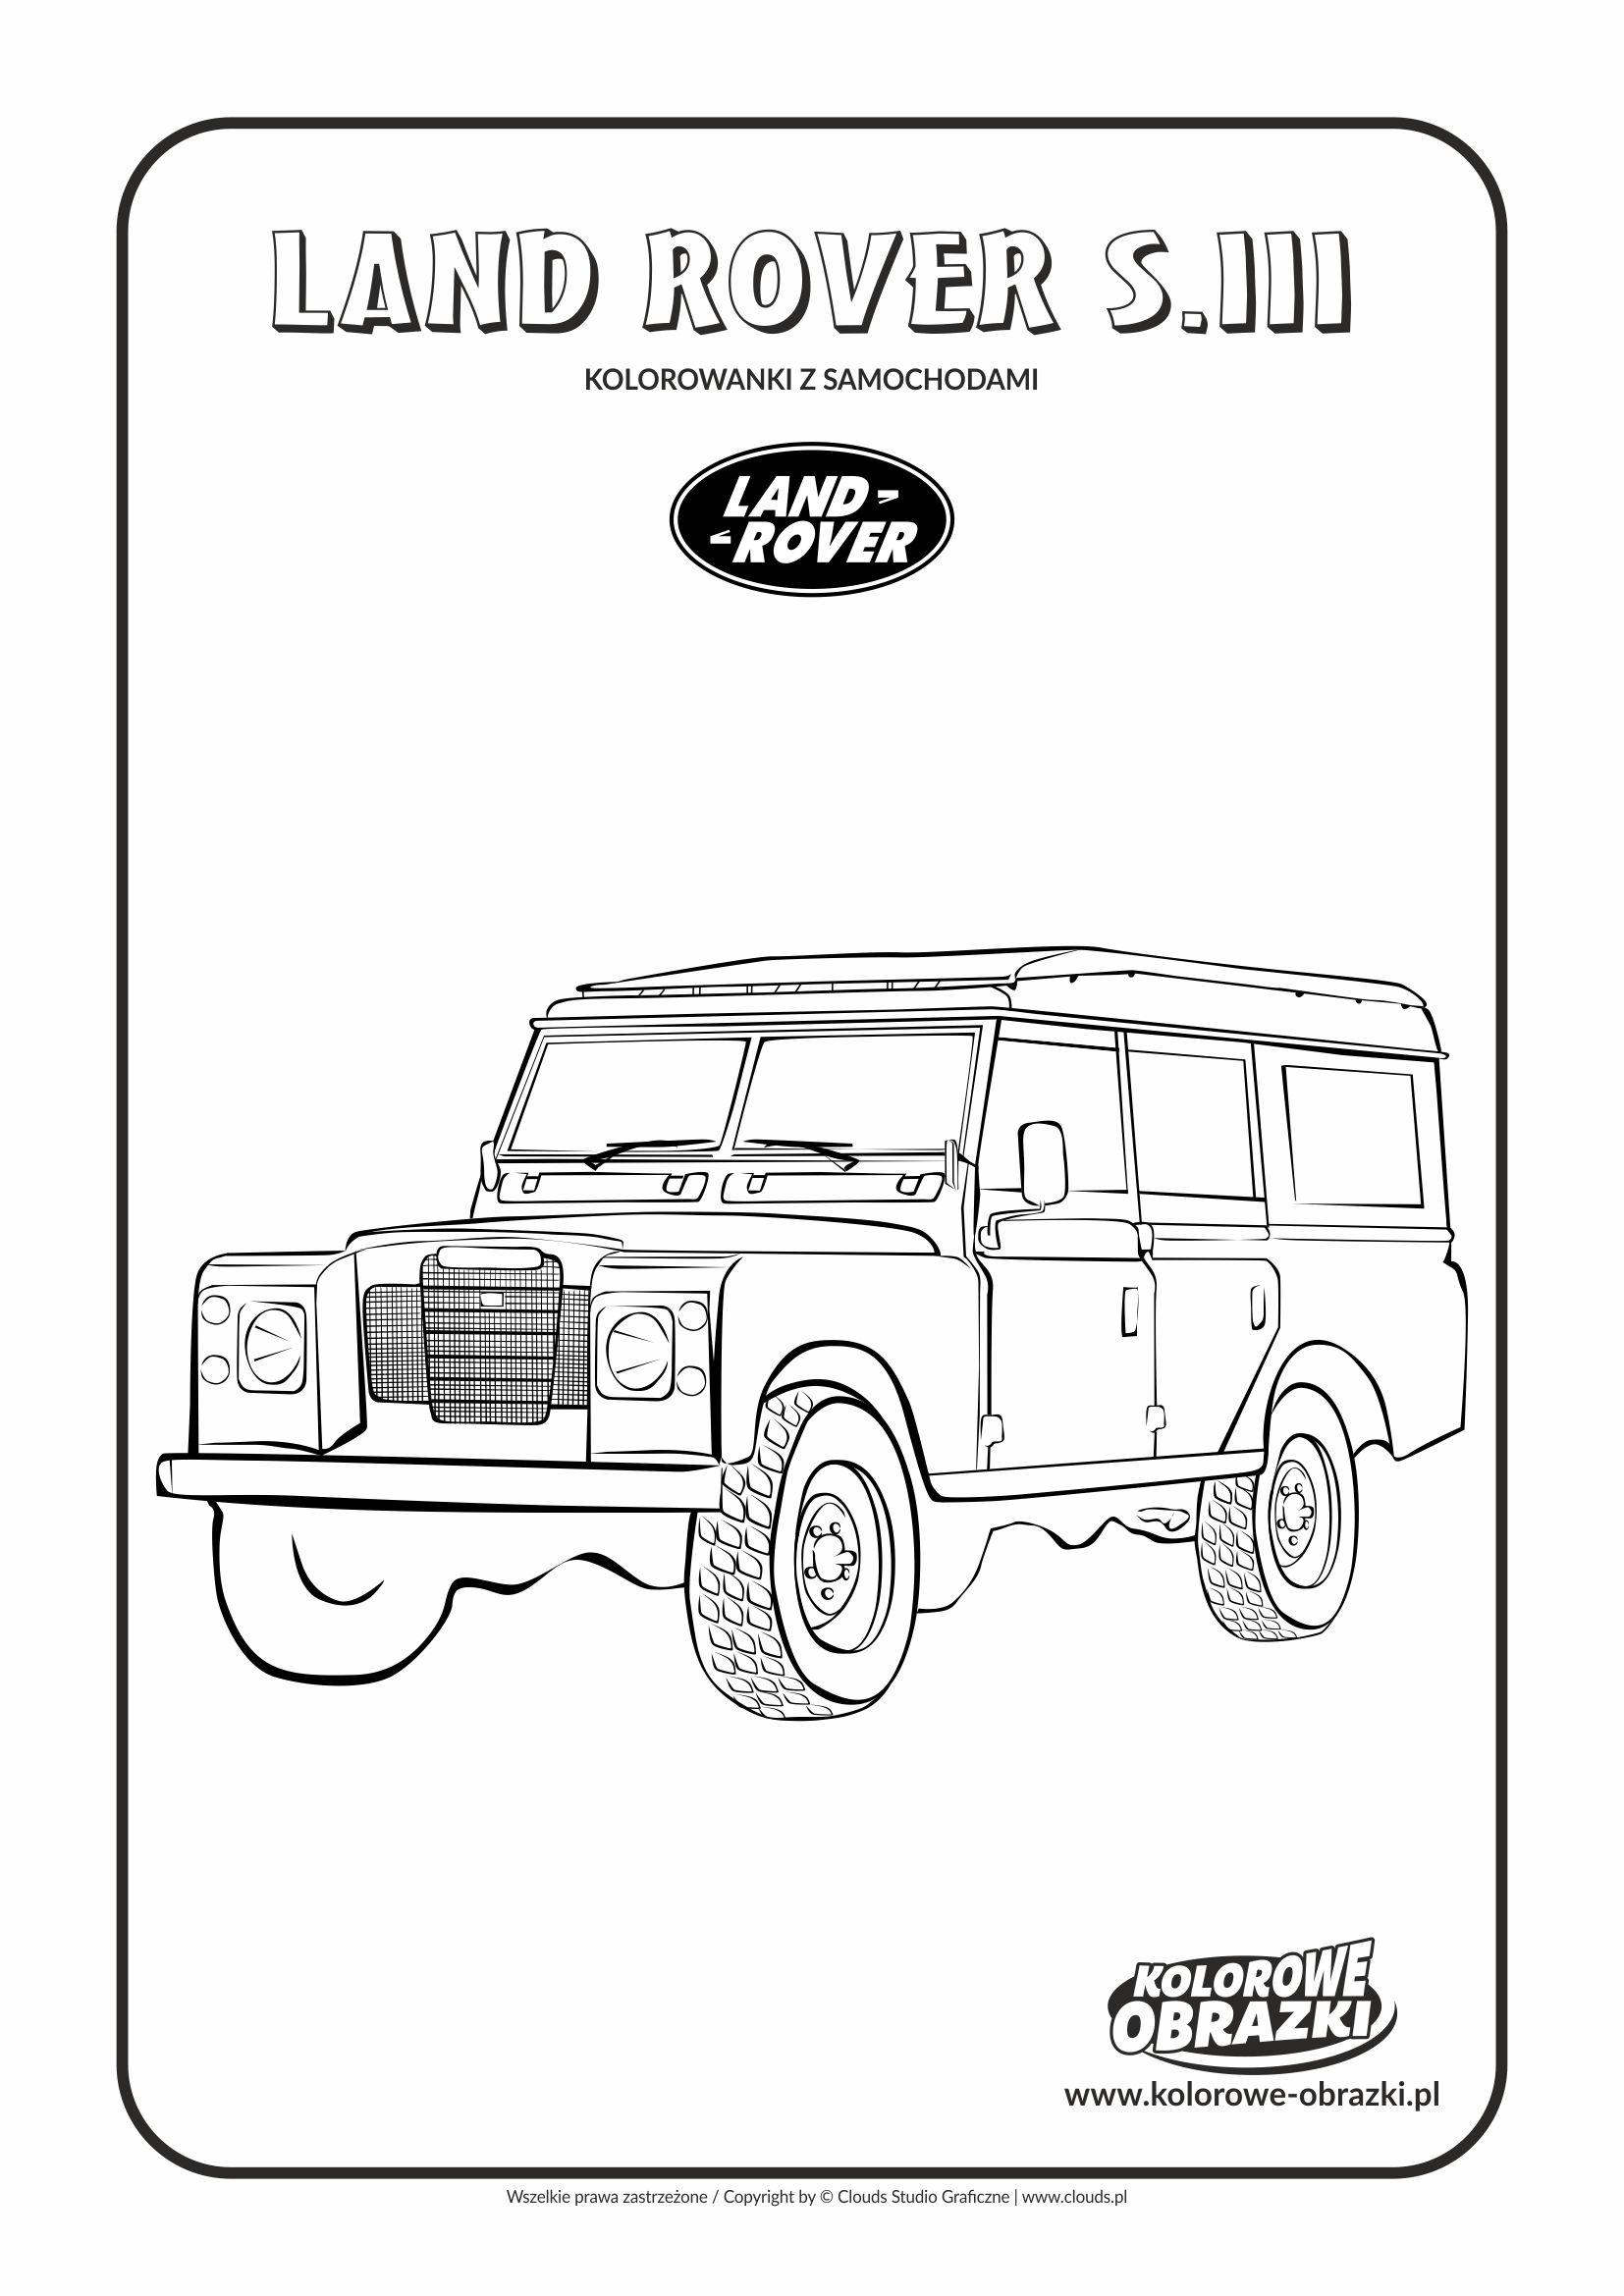 Kolorowanki dla dzieci - Pojazdy / Land Rover S. III . Kolorowanka z Land Roverem S. III